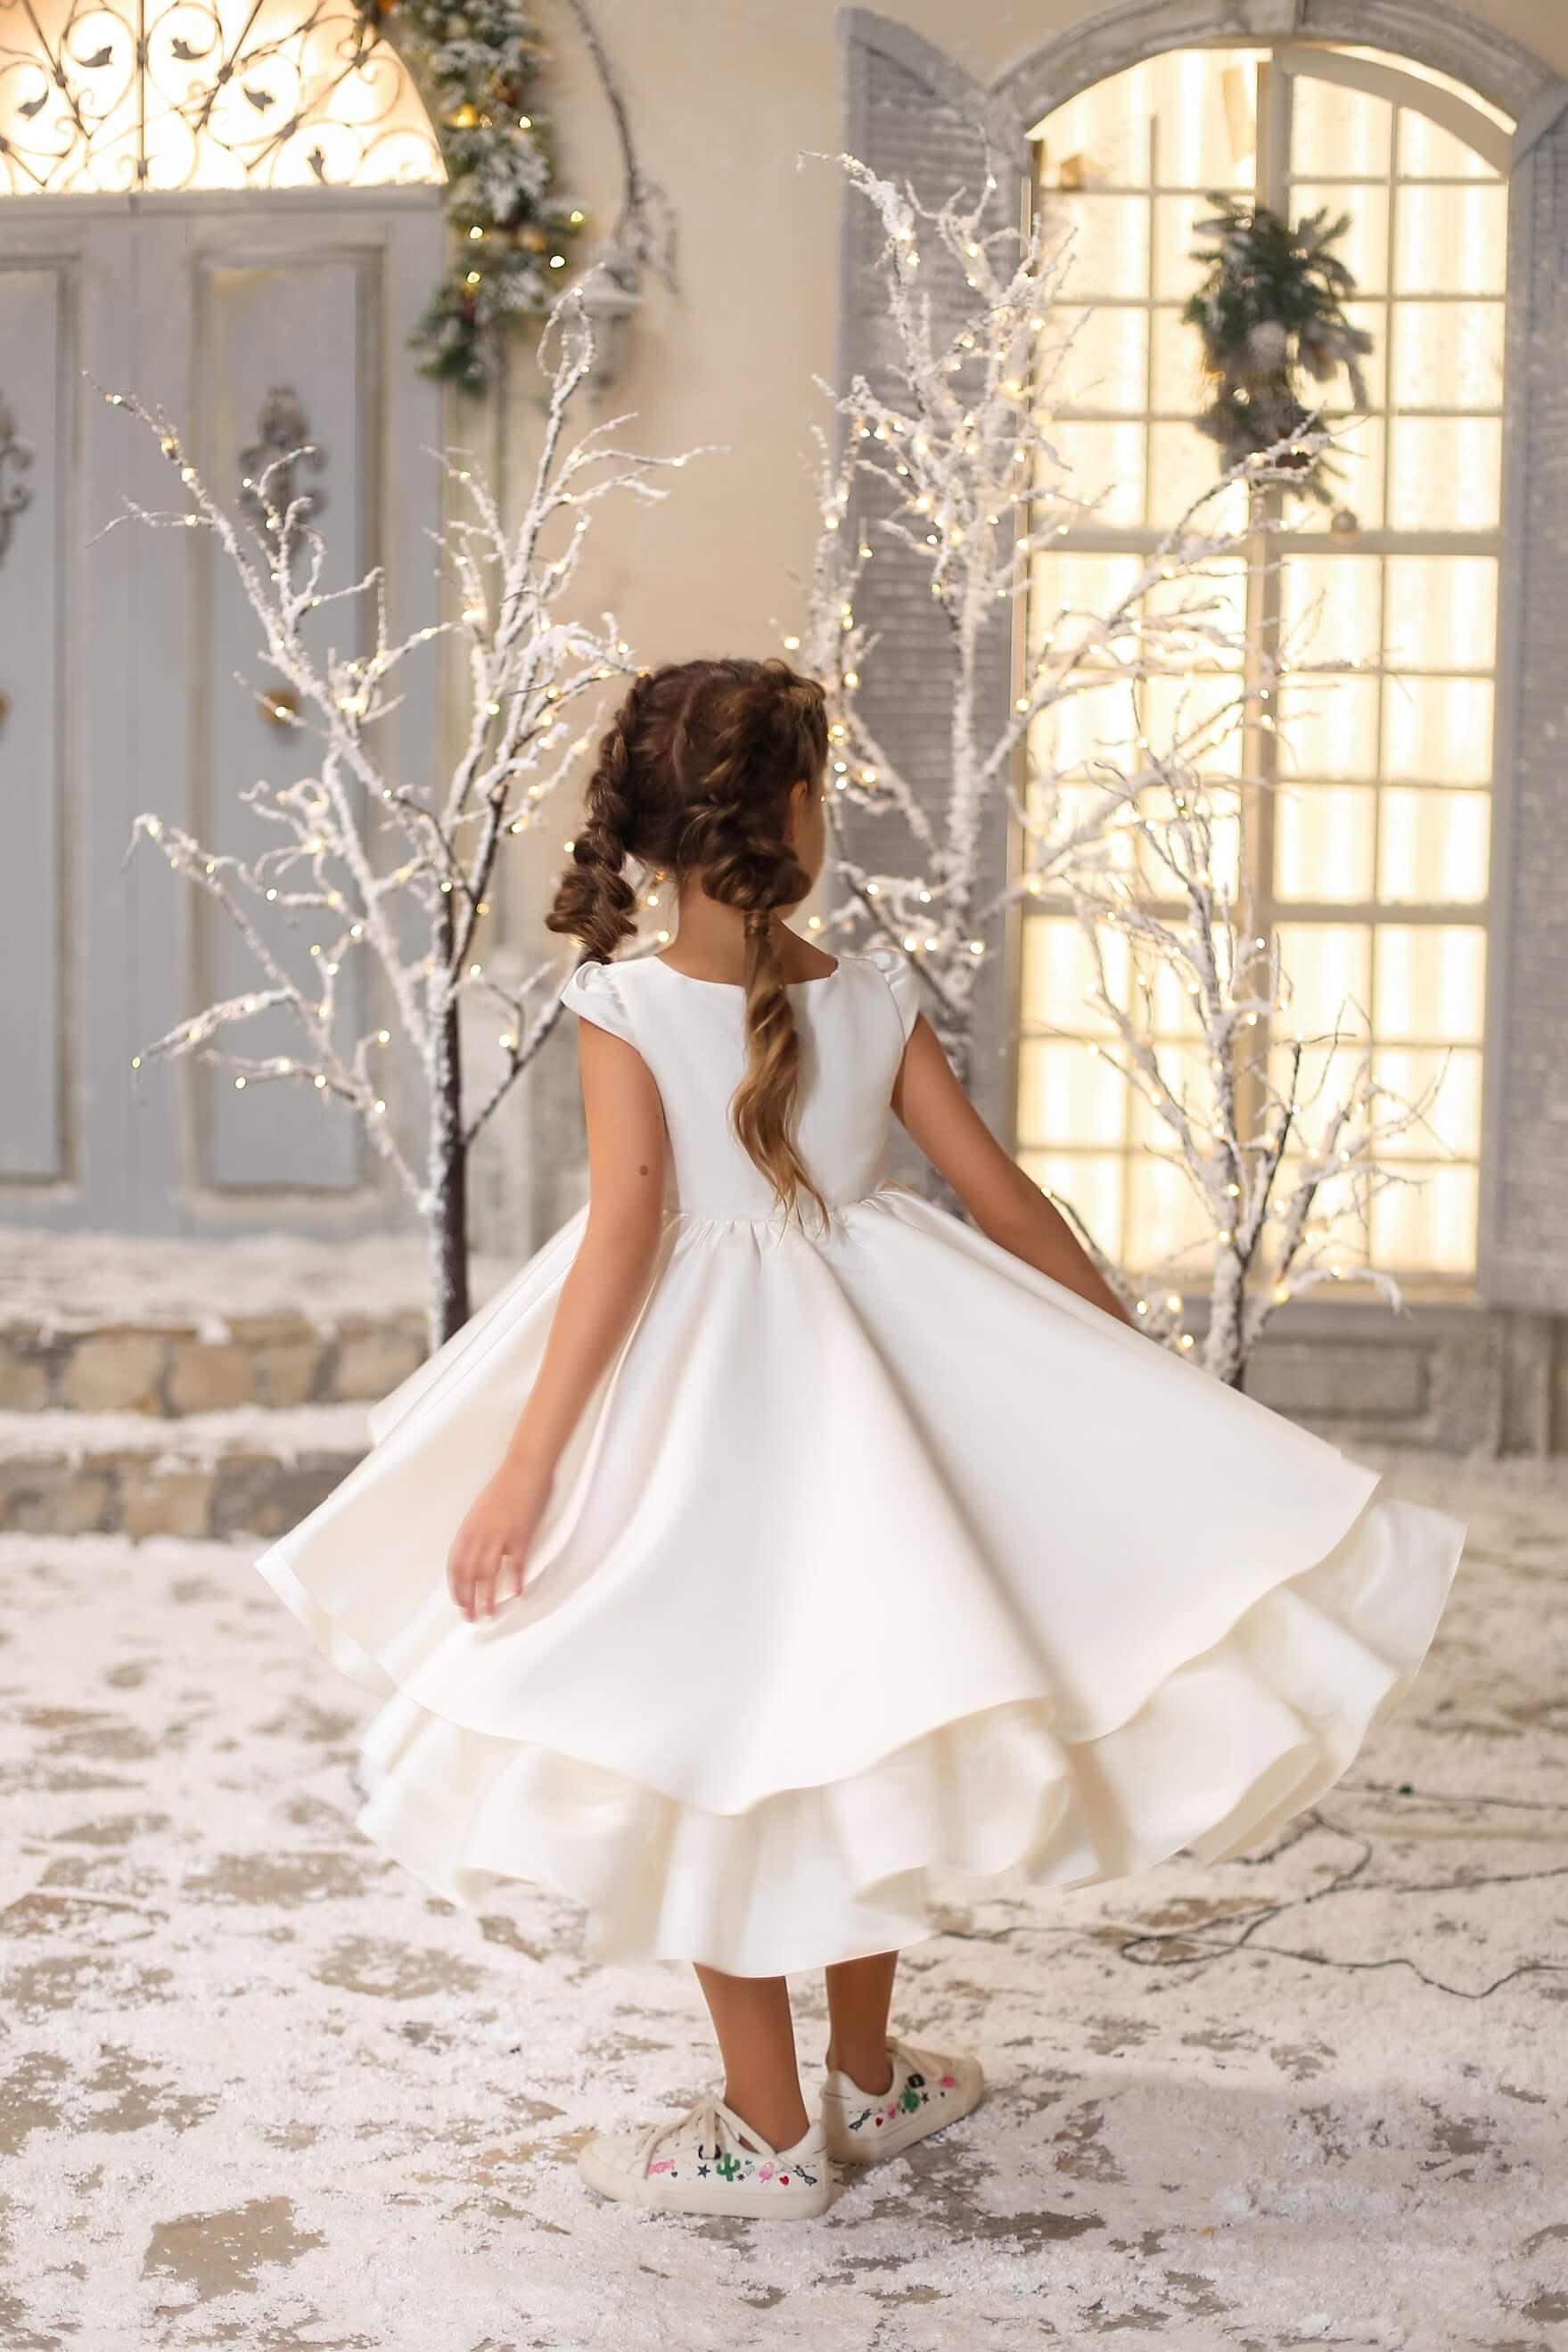 Біле нарядне плаття до причастя дівчинці